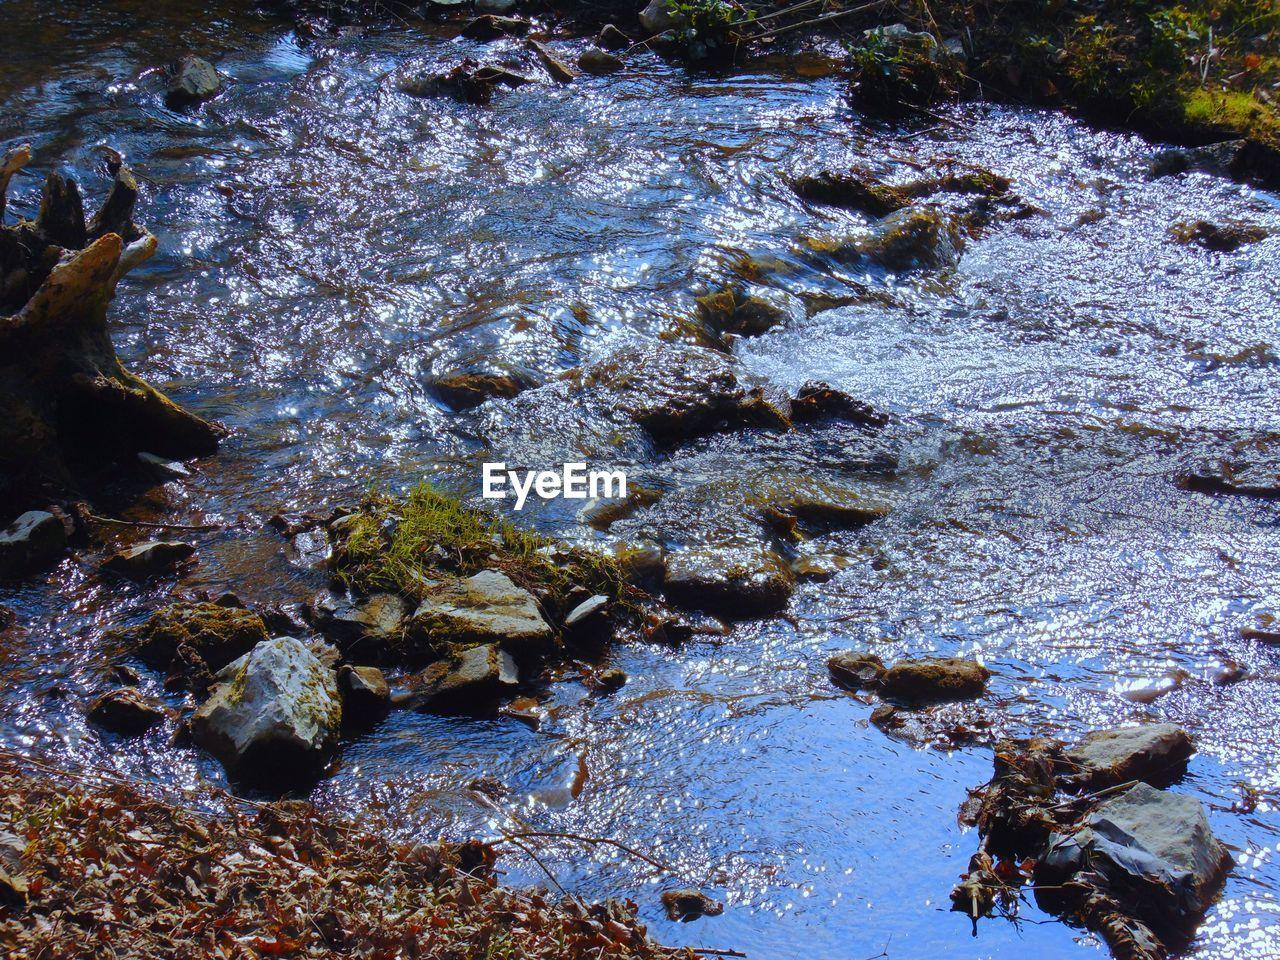 Rocks in stream